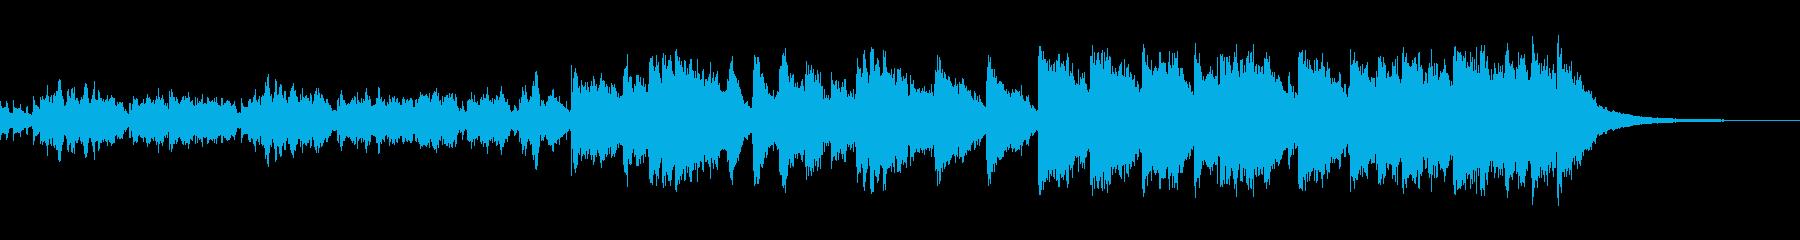 オーケストラエレクトロインストゥル...の再生済みの波形